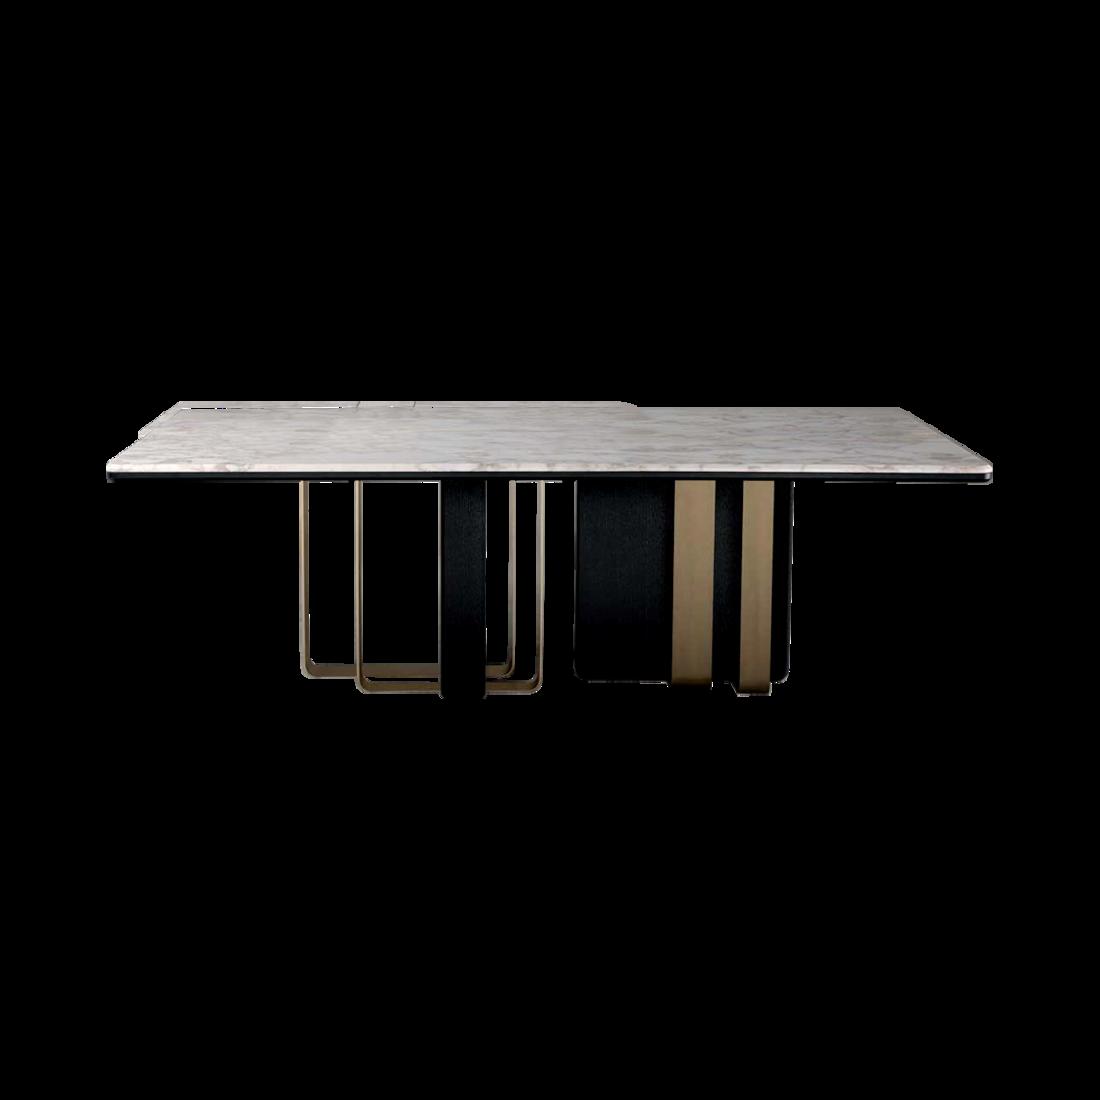 佛山六號倉家居不鏽鋼輕奢定製餐桌2 1